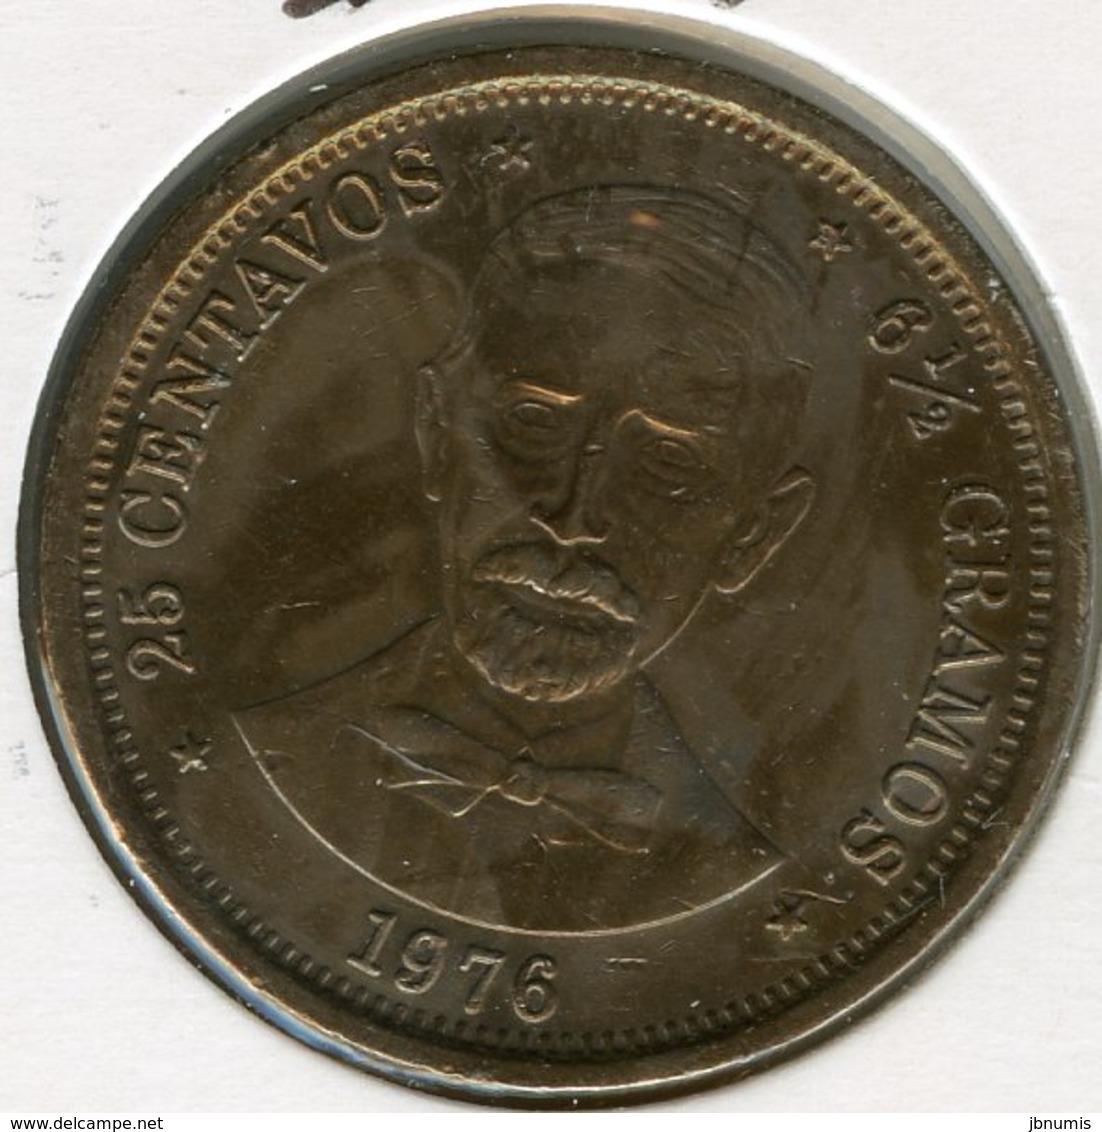 République Dominicaine Dominican Republic 25 Centavos 1976 Centenaire De La Mort De Duarte KM 43 - Dominicaine